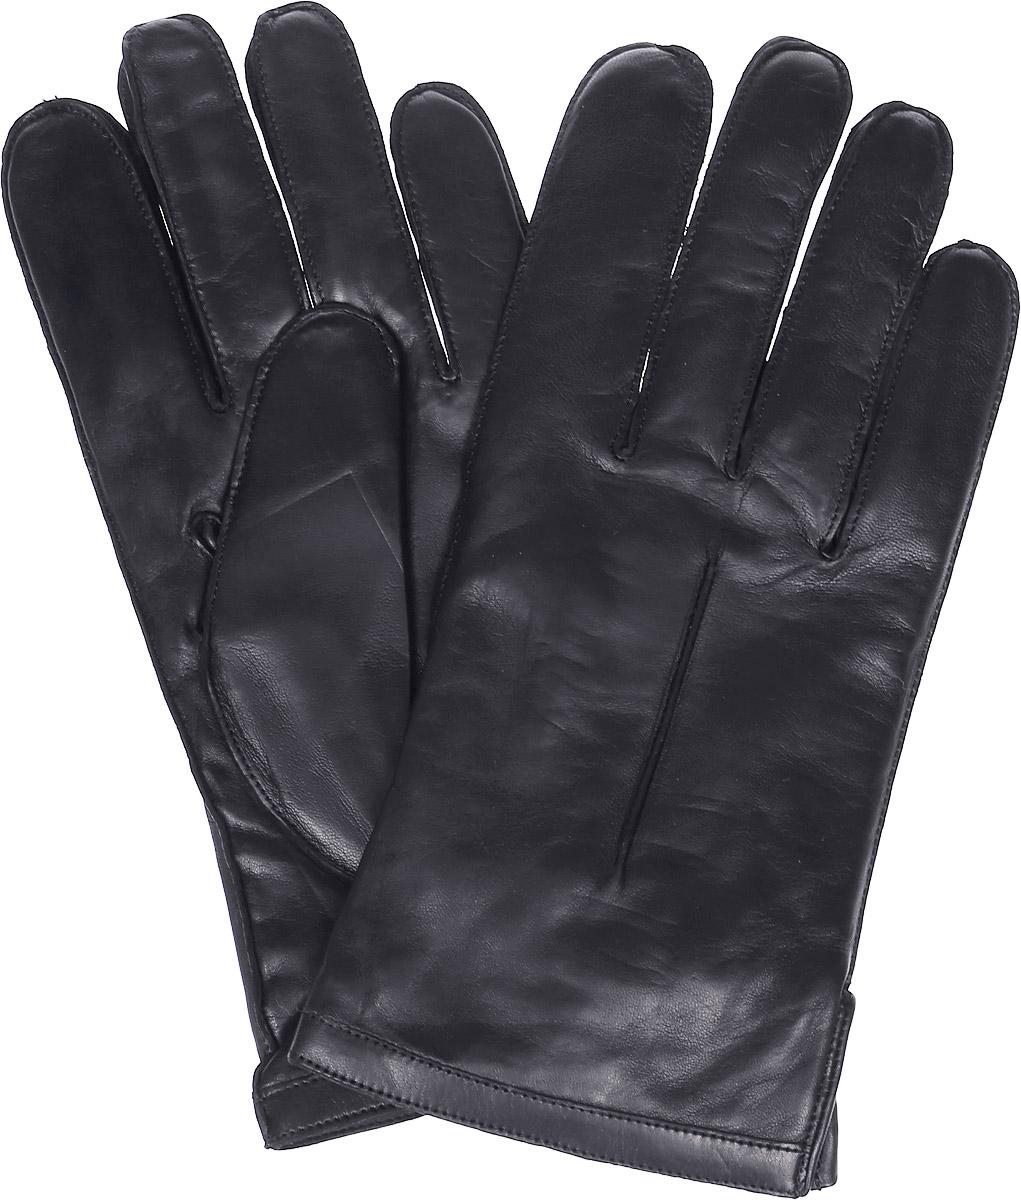 Перчатки мужские Michel Katana, цвет: черный. K12-NANCY. Размер 9K12-NANCY/BLМужские перчатки Michel Katana не только защитят ваши руки, но и станут великолепным украшением. Перчатки выполнены из натуральной кожи, а подкладка - из высококачественной шерсти. Модель оформлена декоративными прострочками.